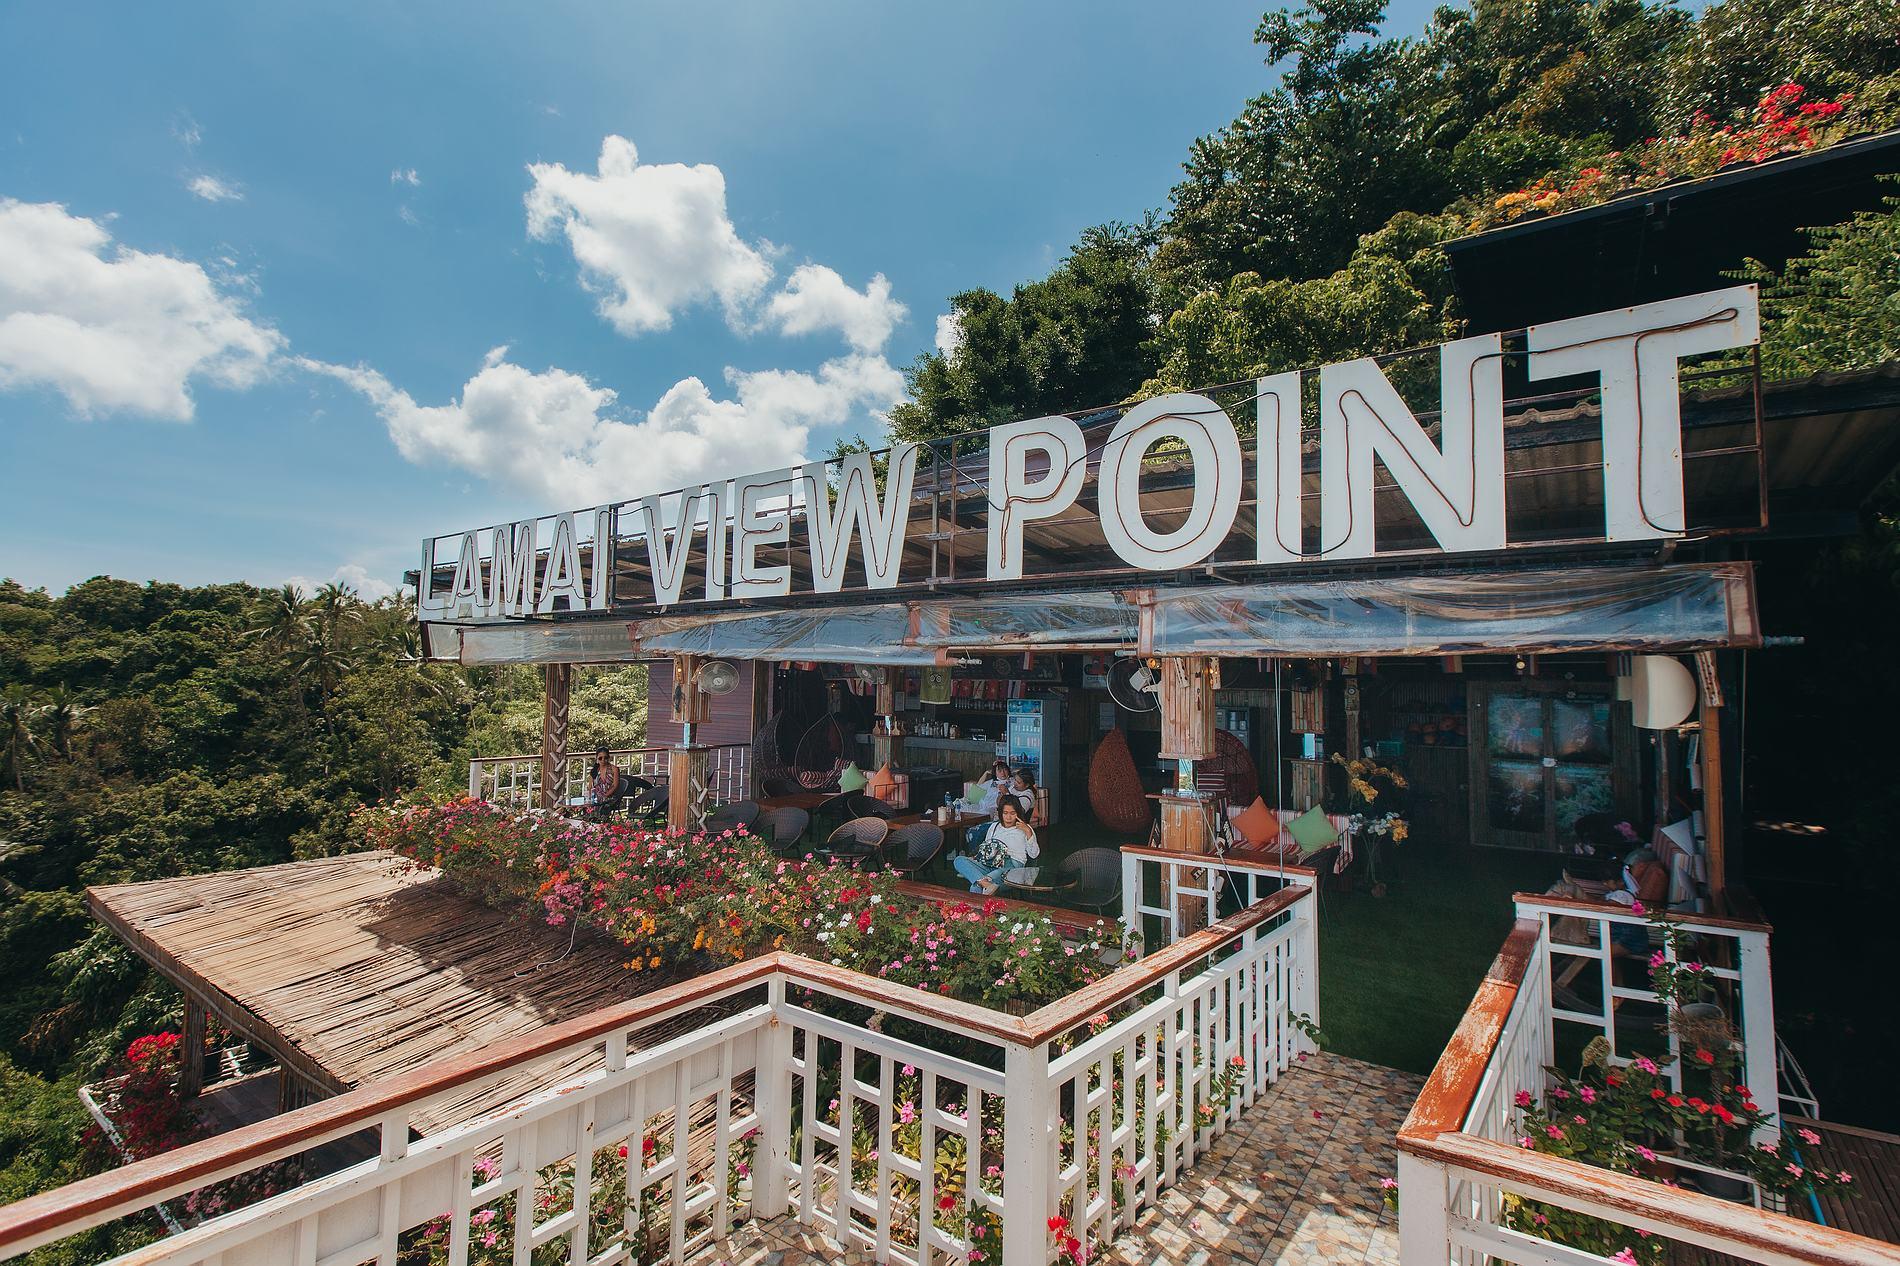 Der Lamai Viewpoint und Valentine Stone auf Koh Samui